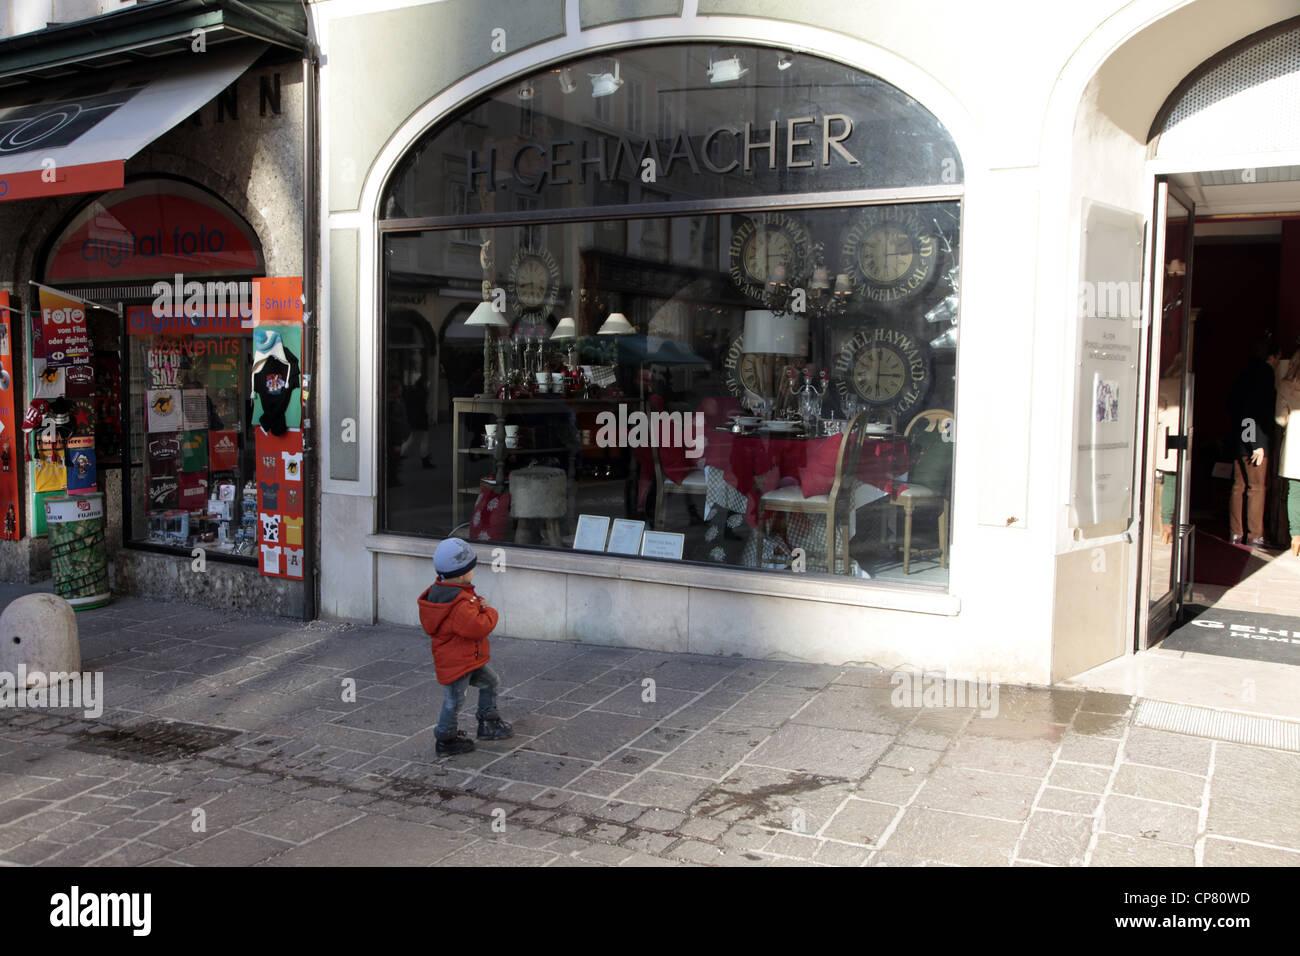 Kind außerhalb H. GEHMACHER SHOP SALZBURG Österreich 27. Dezember 2011 Stockbild